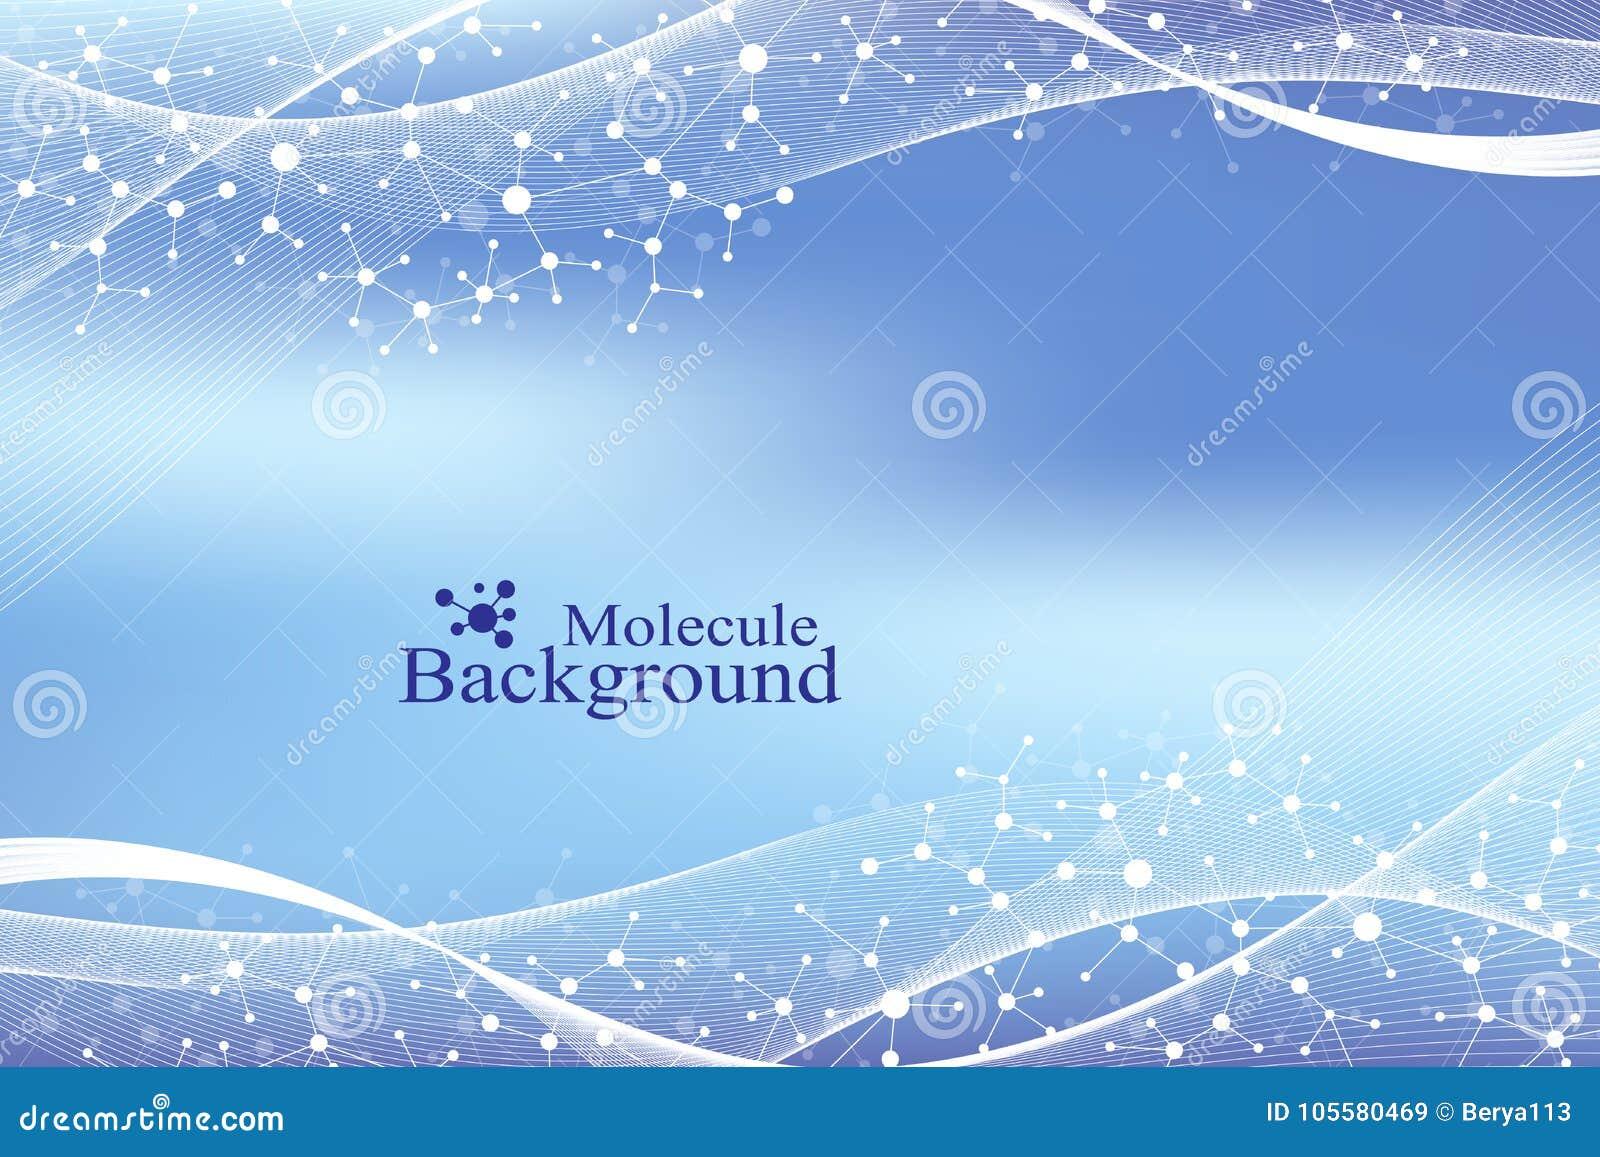 Modernt strukturmolekylDNA Atom Molekyl och kommunikationsbakgrund för medicin, vetenskap, teknologi, kemi